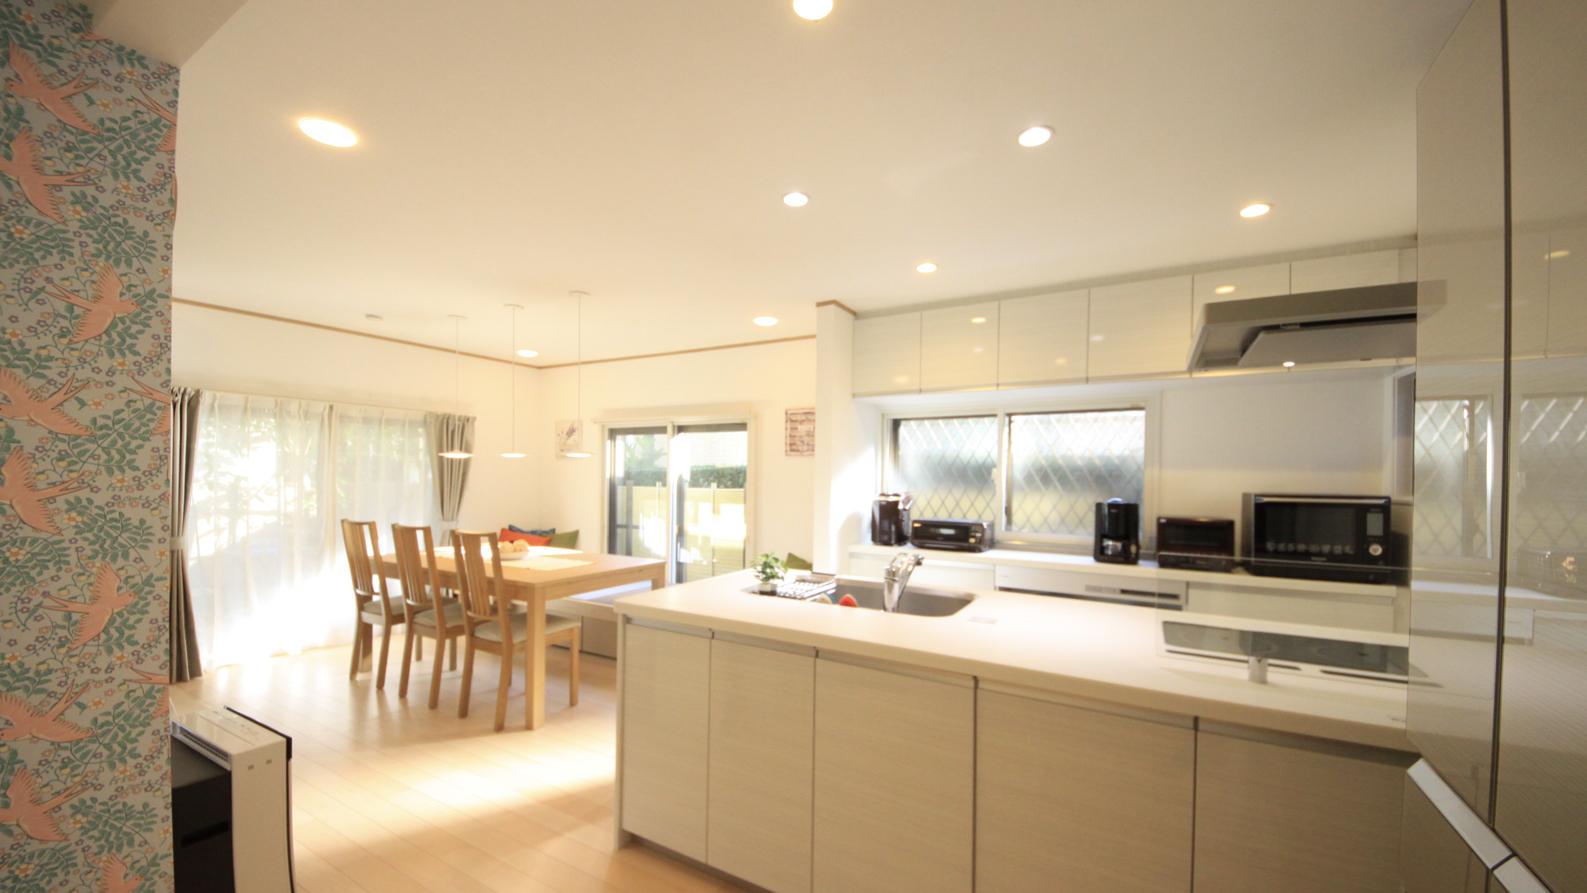 幅広対面キッチン&家電のある戸建てシェアハウス